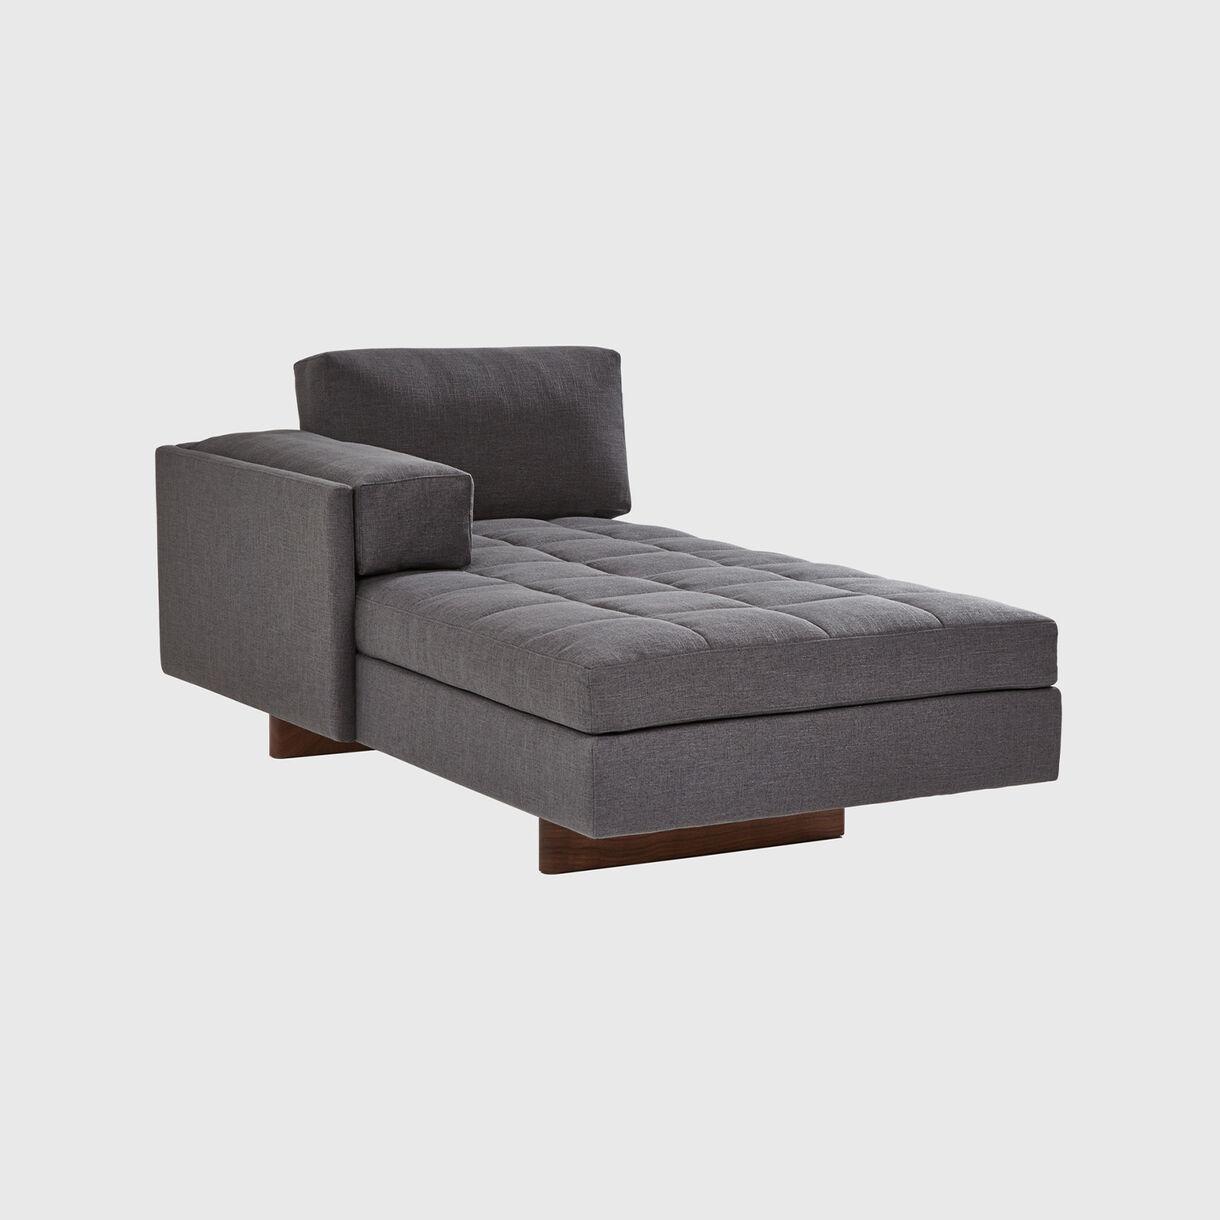 Asymmetric Chaise